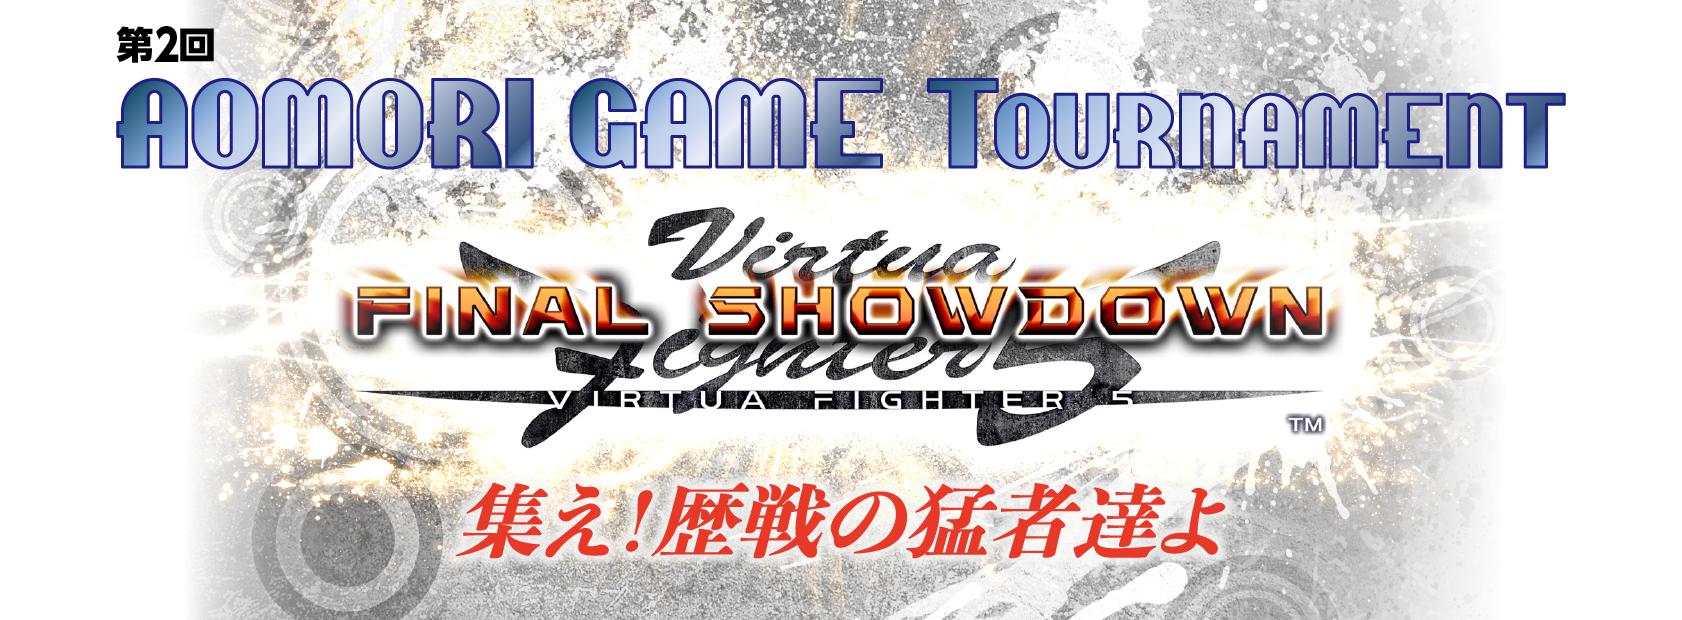 「第2回・青森ゲームトーナメント~Virtua Fighter 5 Final Showdown」